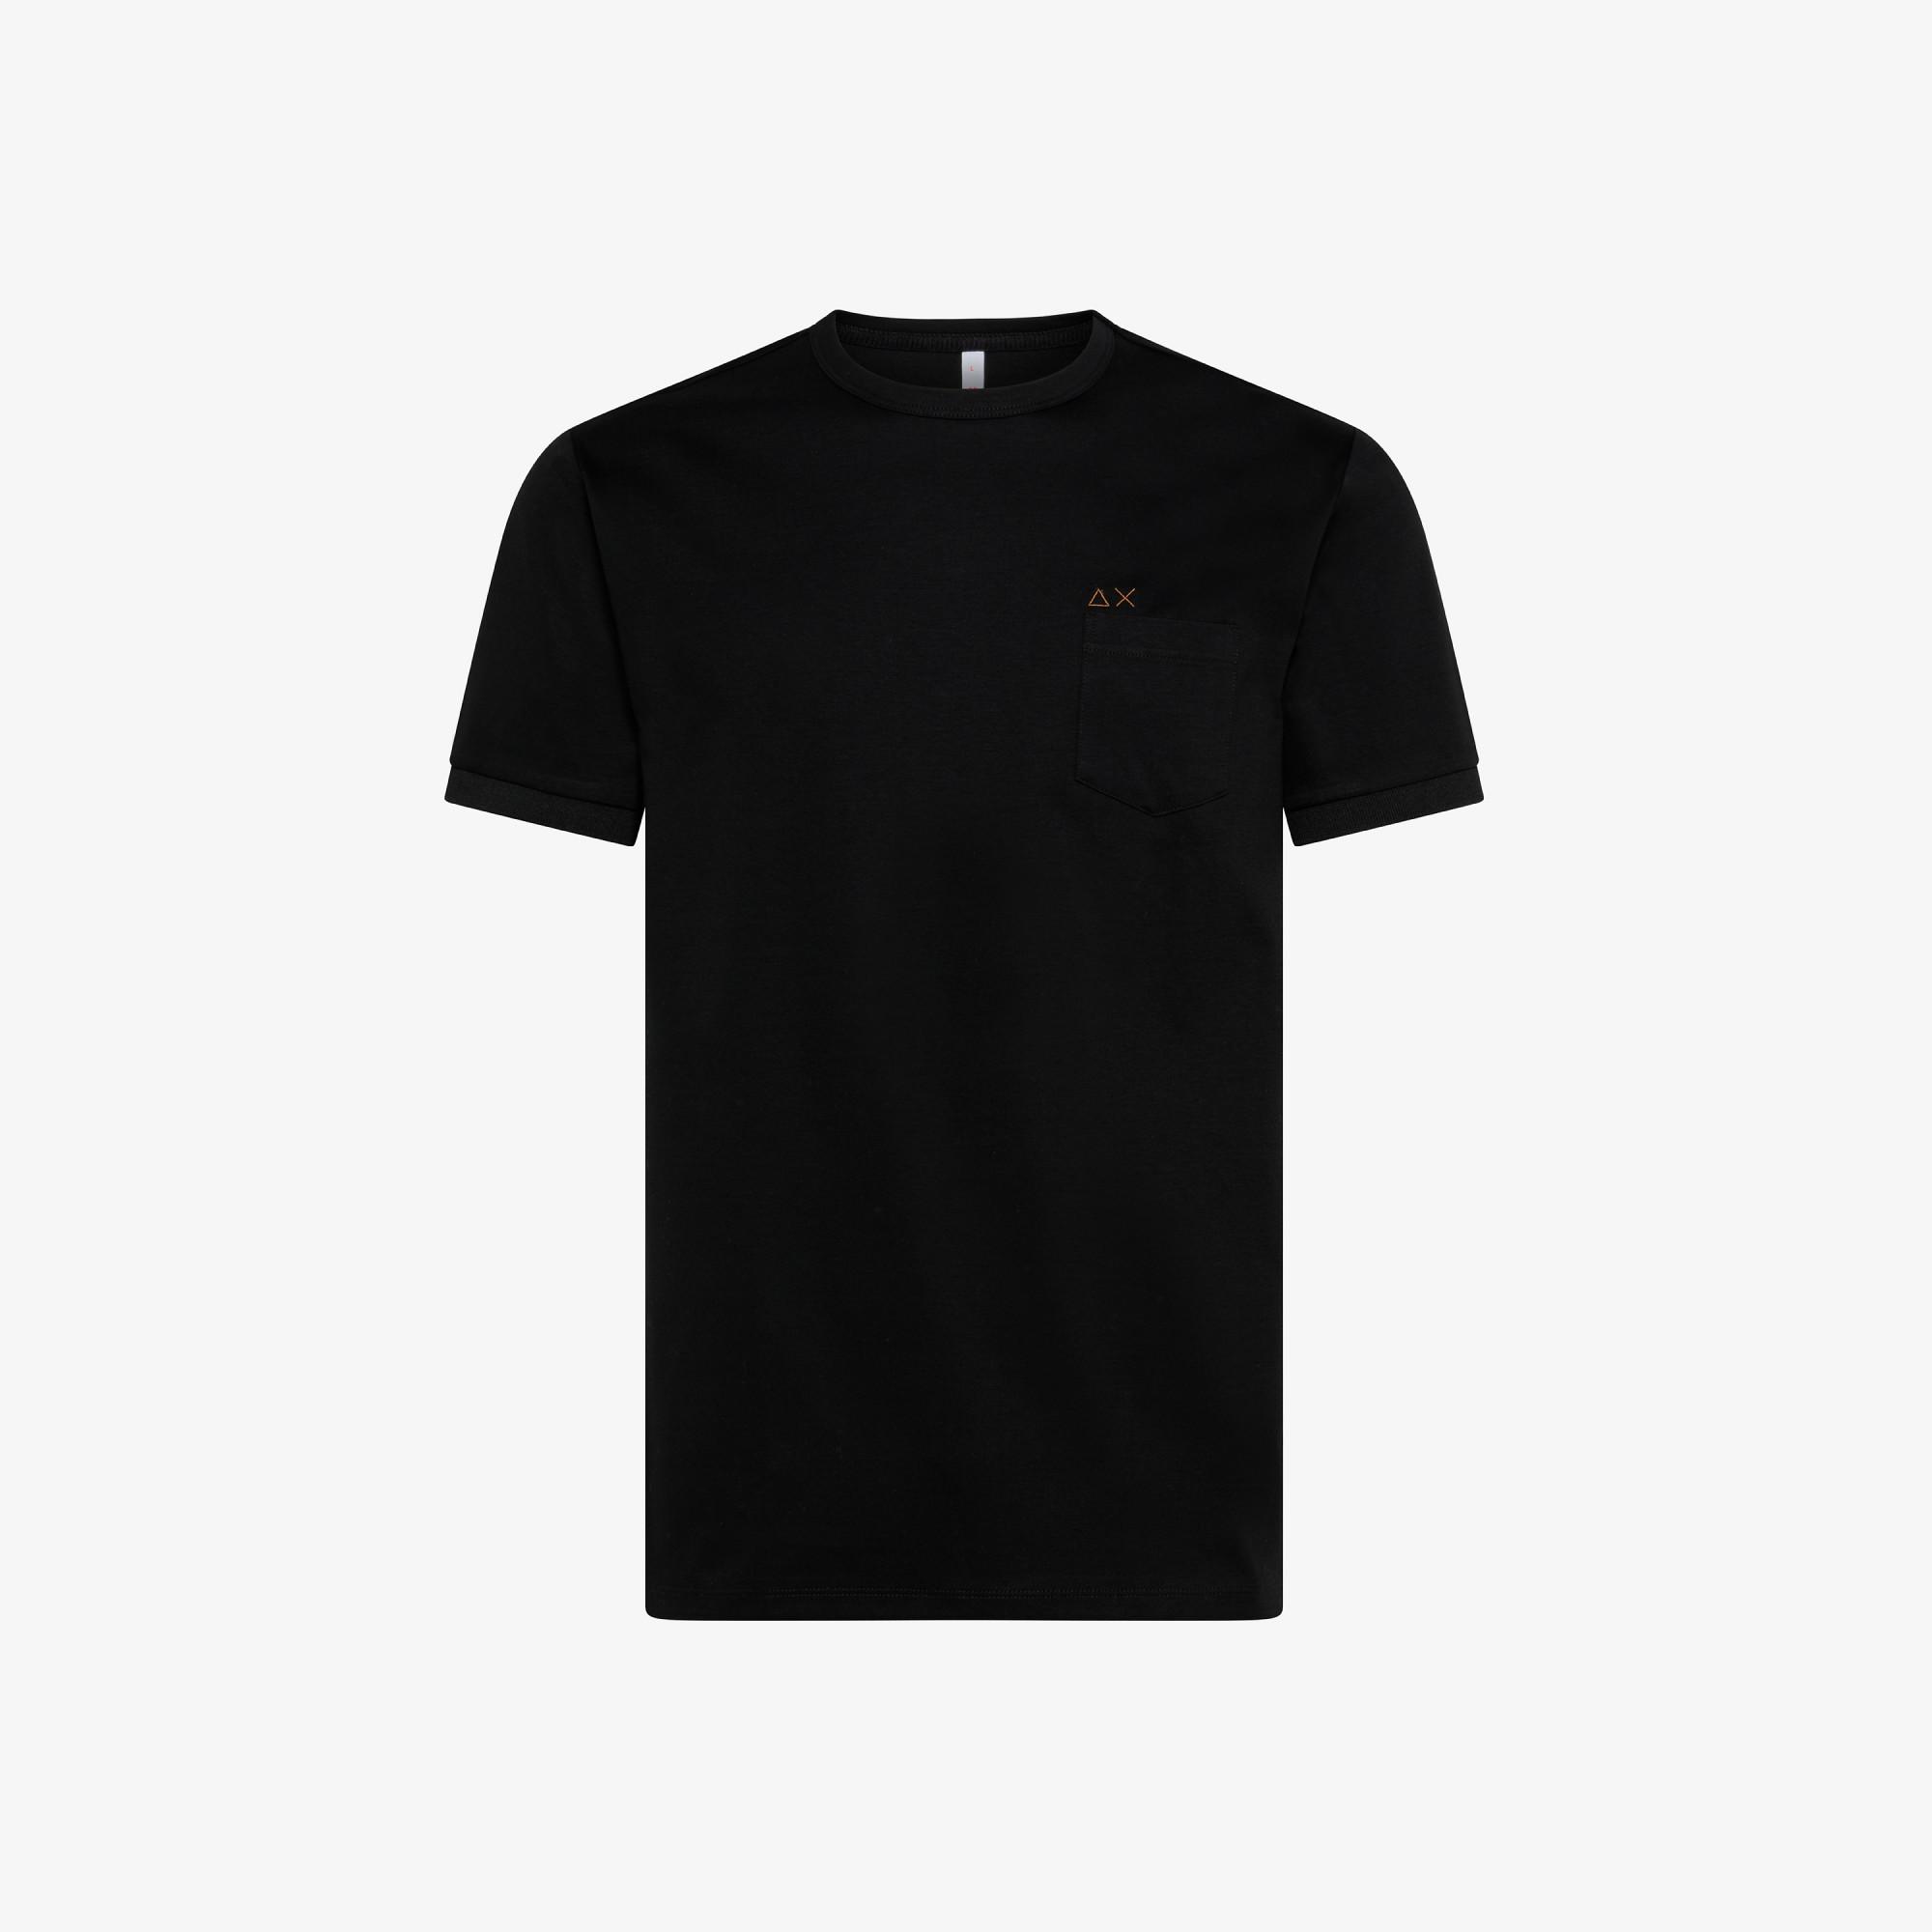 T-SHIRT SOLID POCKET S/S BLACK